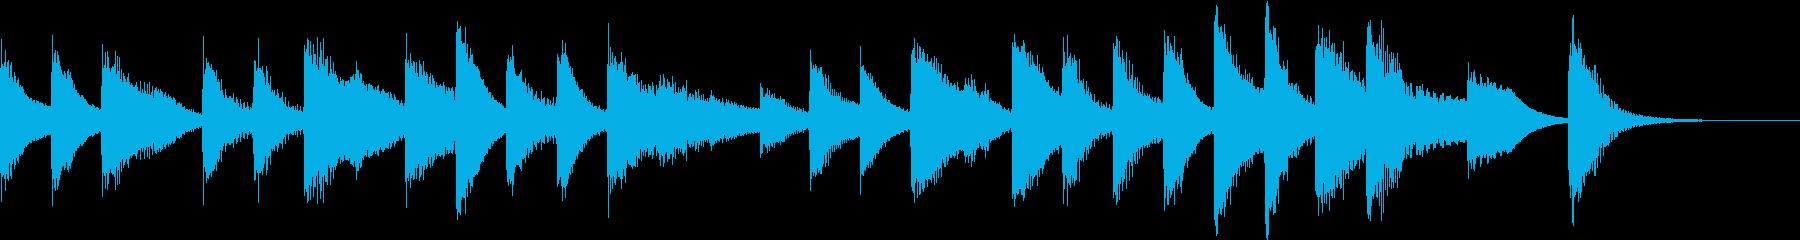 ジングルベルモチーフのピアノジングルHの再生済みの波形